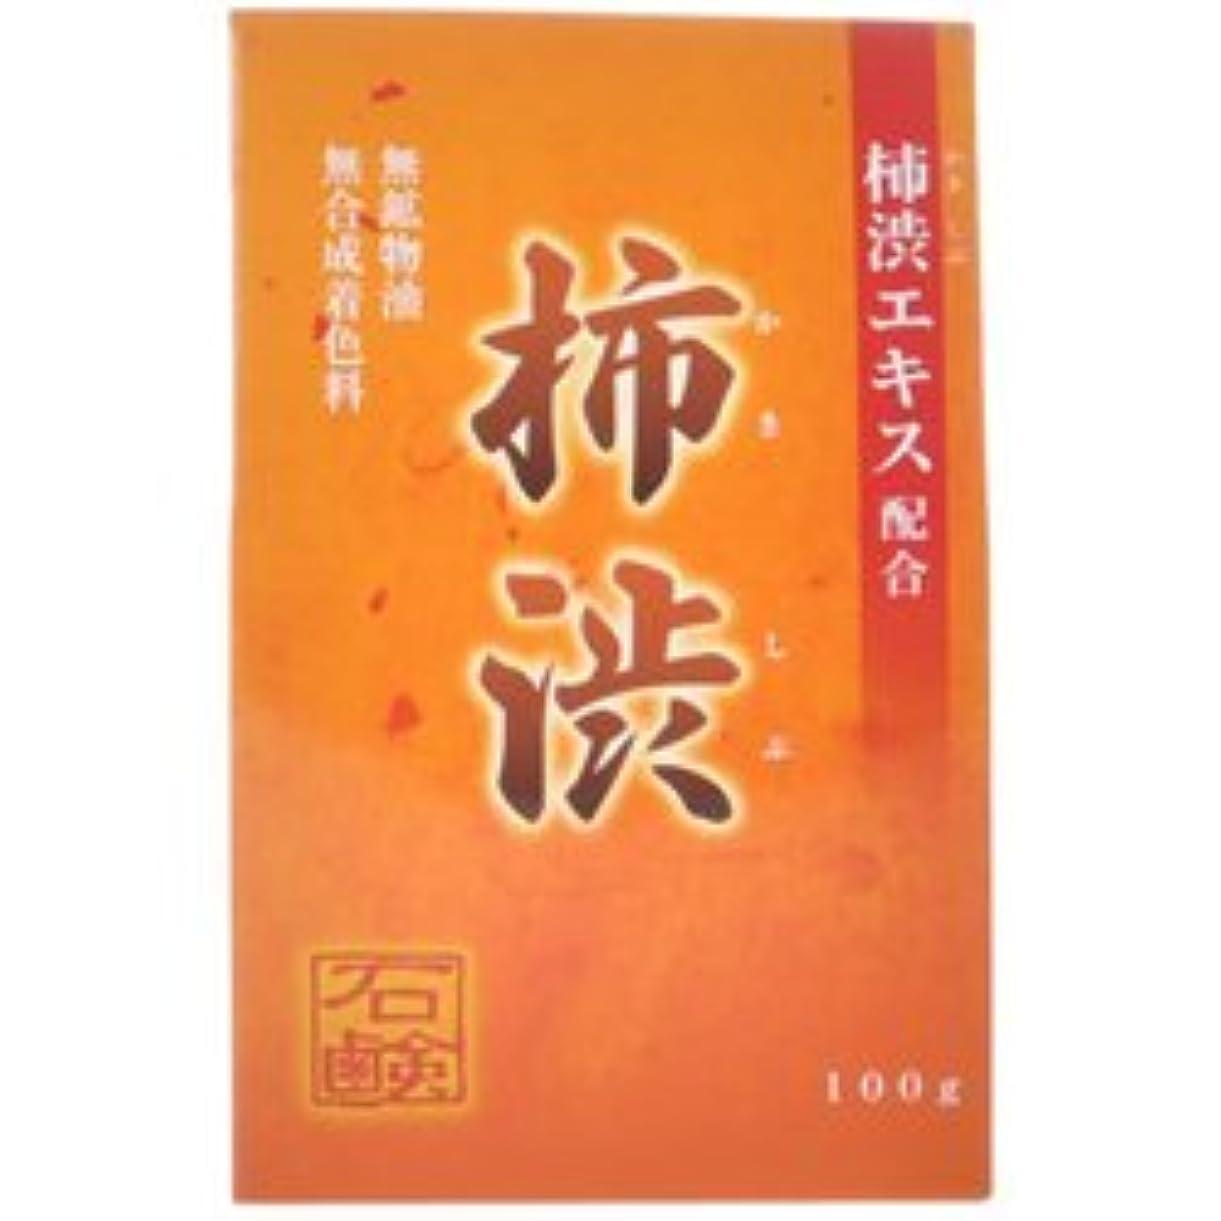 許されるおばさんフライト【アール?エイチ?ビープロダクト】新 柿渋石鹸 100g ×5個セット